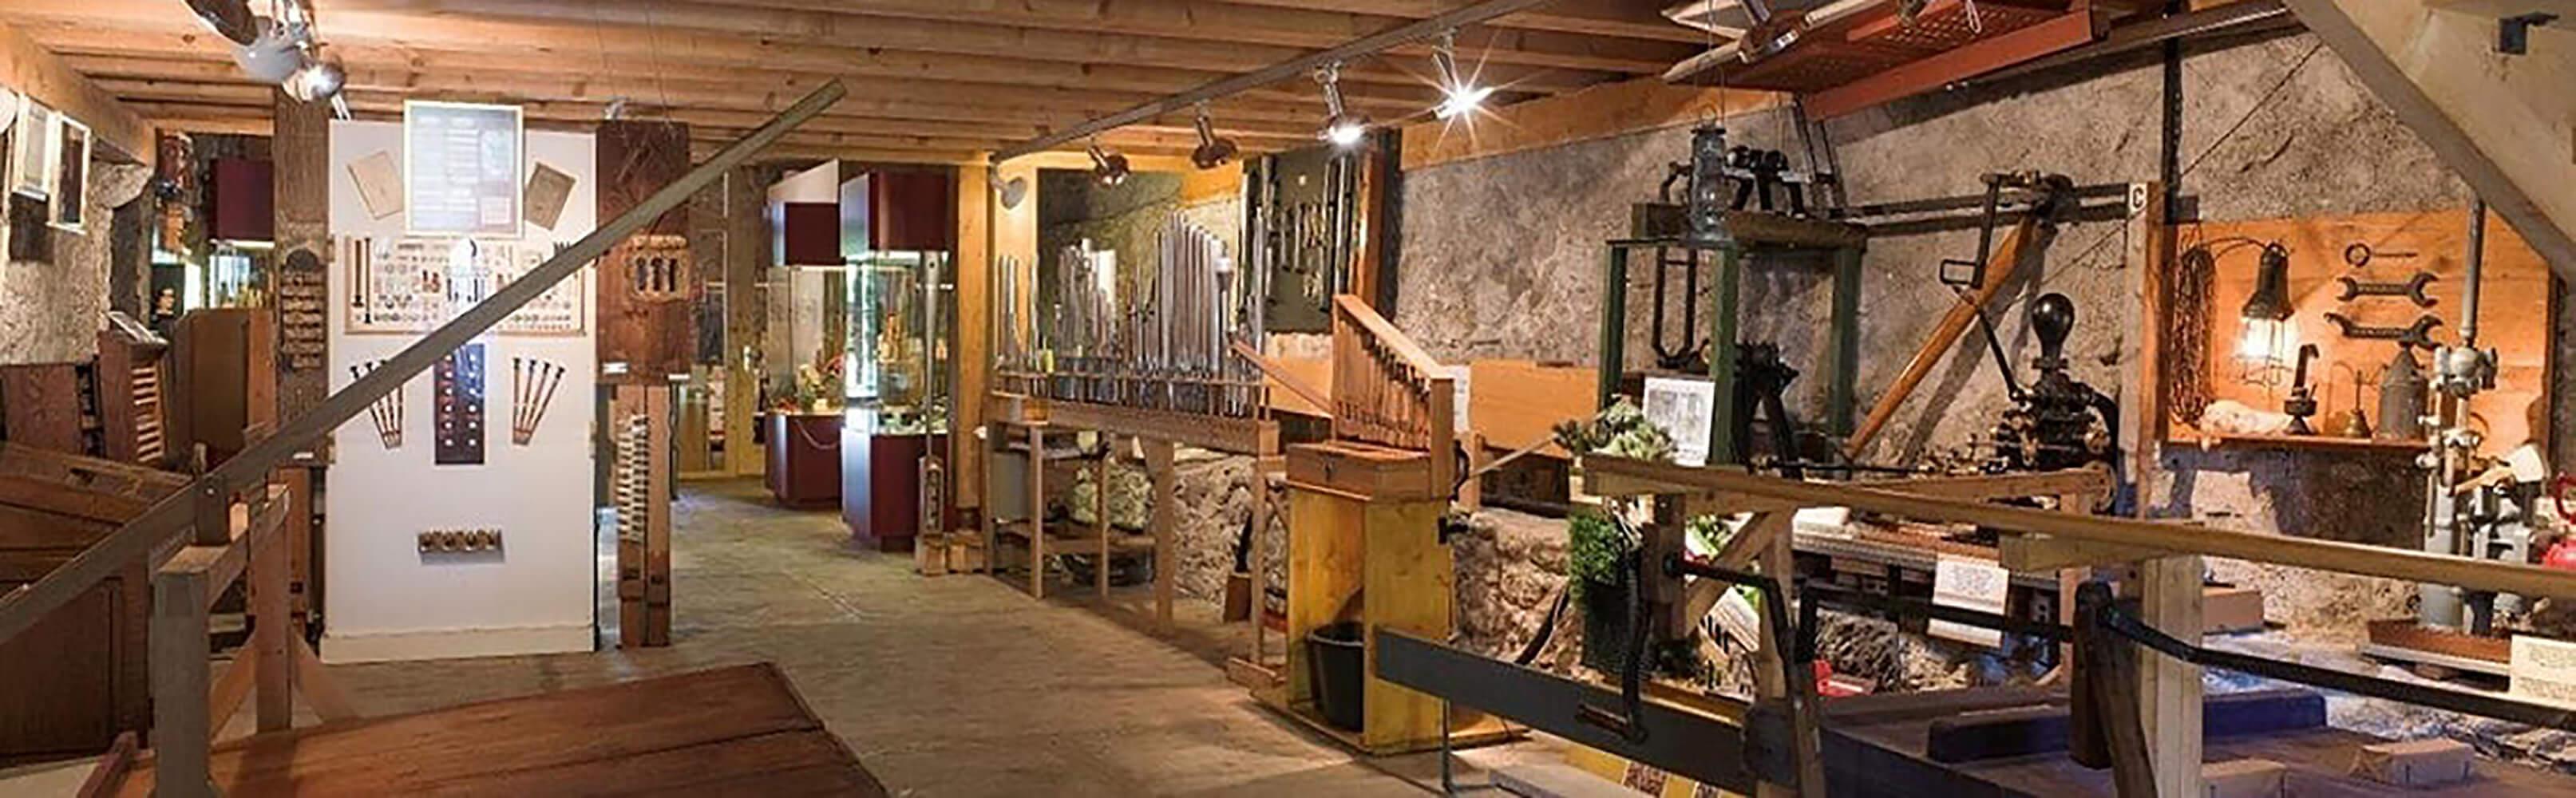 Musée Suisse de l'orgue Roche 1